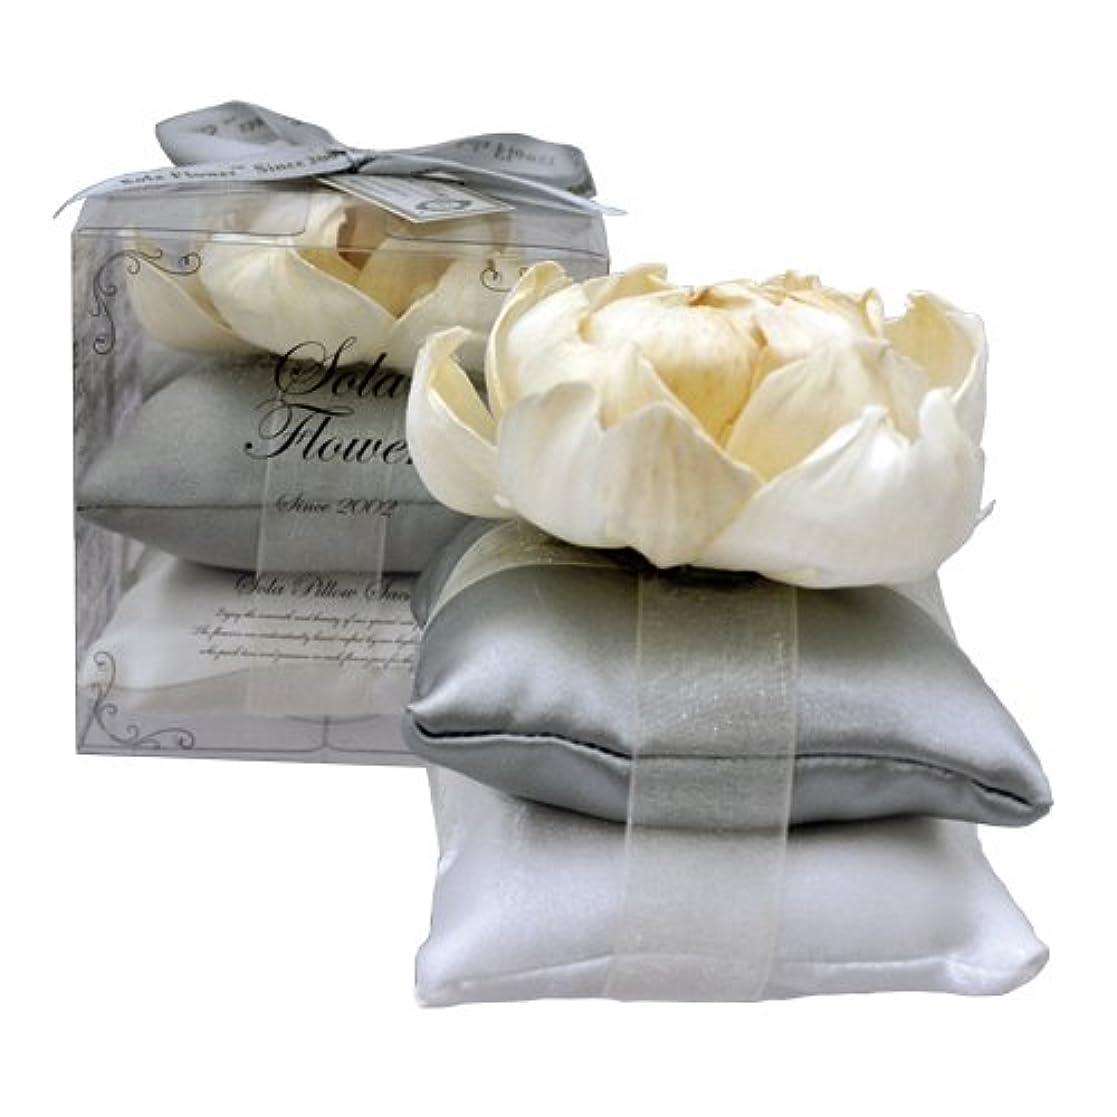 ベール足音人に関する限りnew Sola Flower ソラフラワー ピローサシェ Elegant Peony エレガントピオニー Pillow Sachet